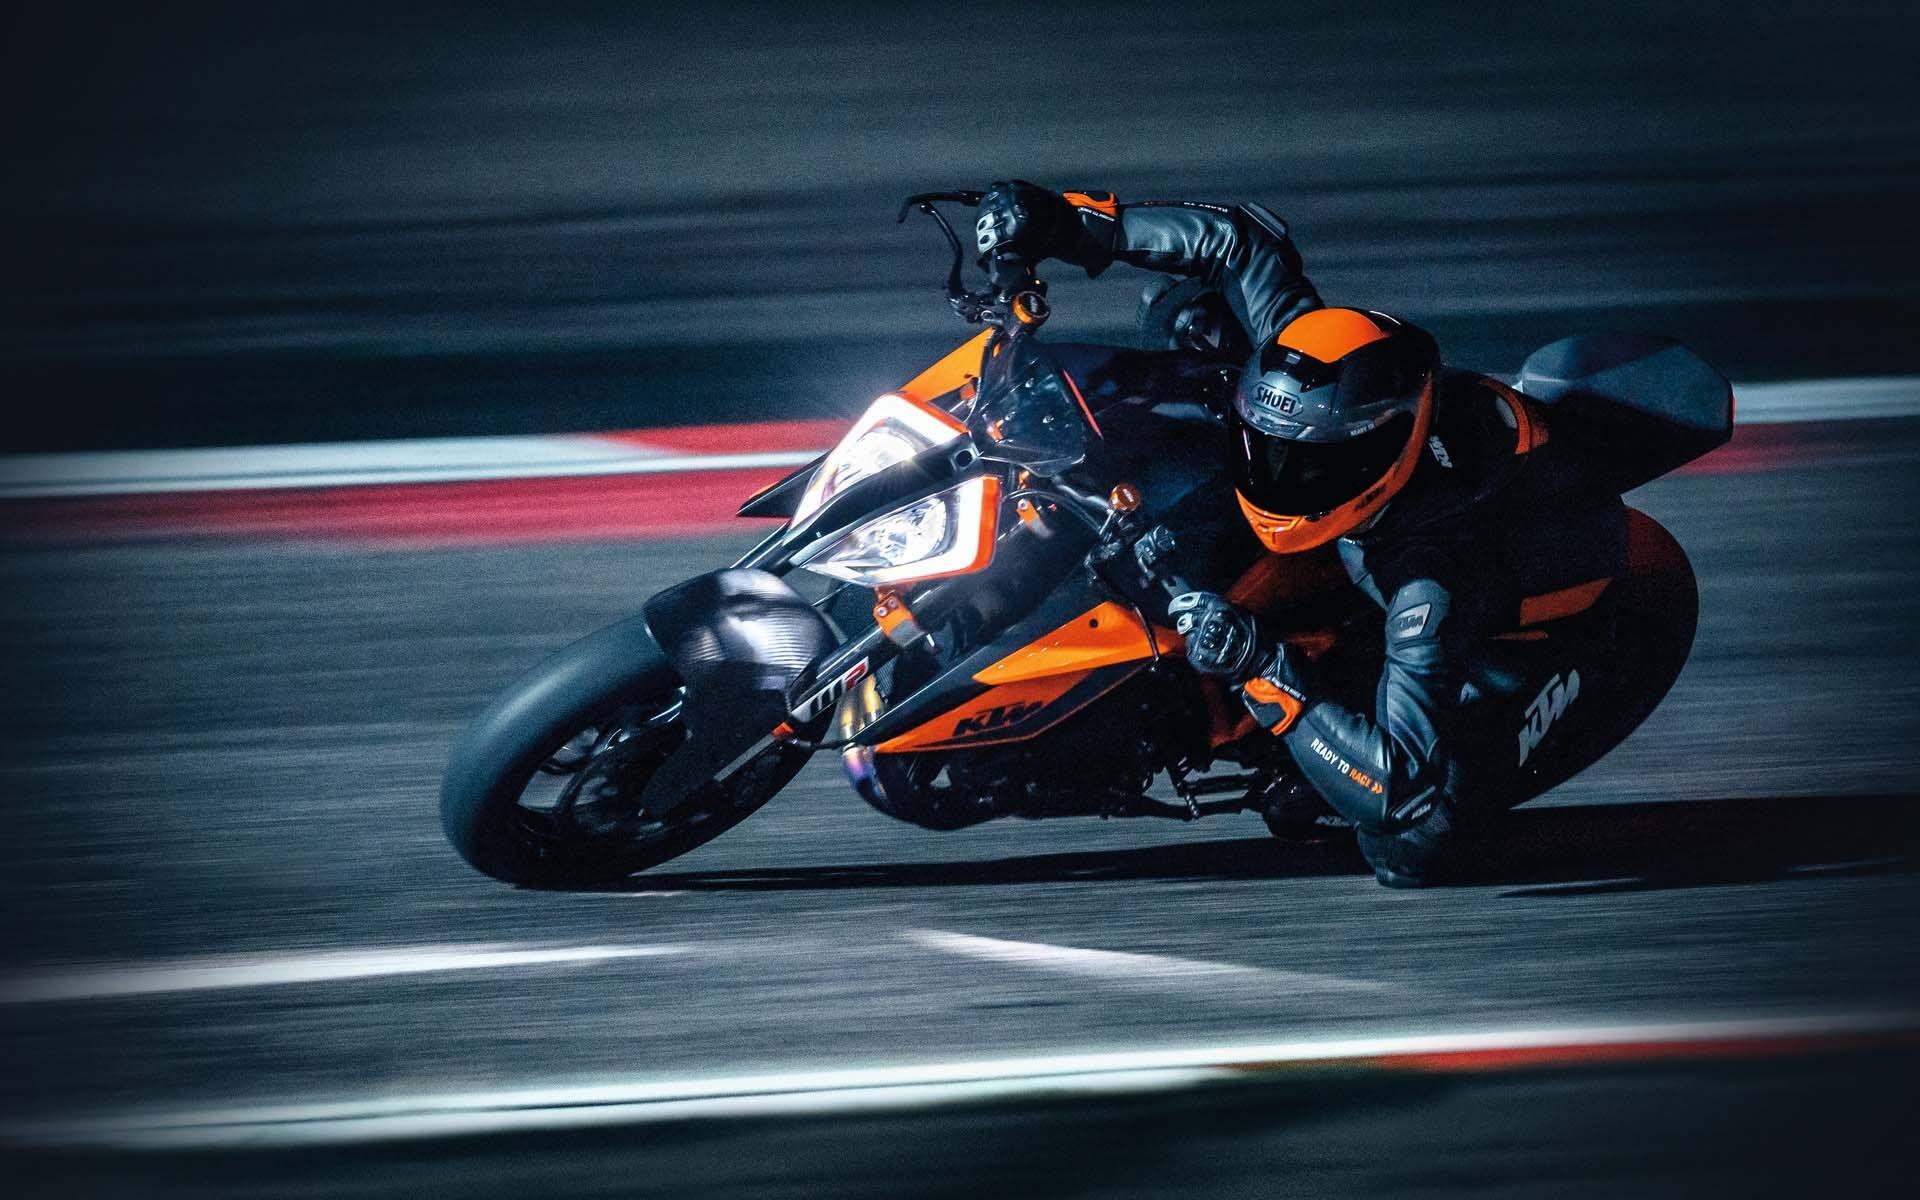 """Ducati Streetfighter V4 vs KTM 1290 Super Duke R: Đâu là sự khác biệt của những """"ông vua""""? - 1"""